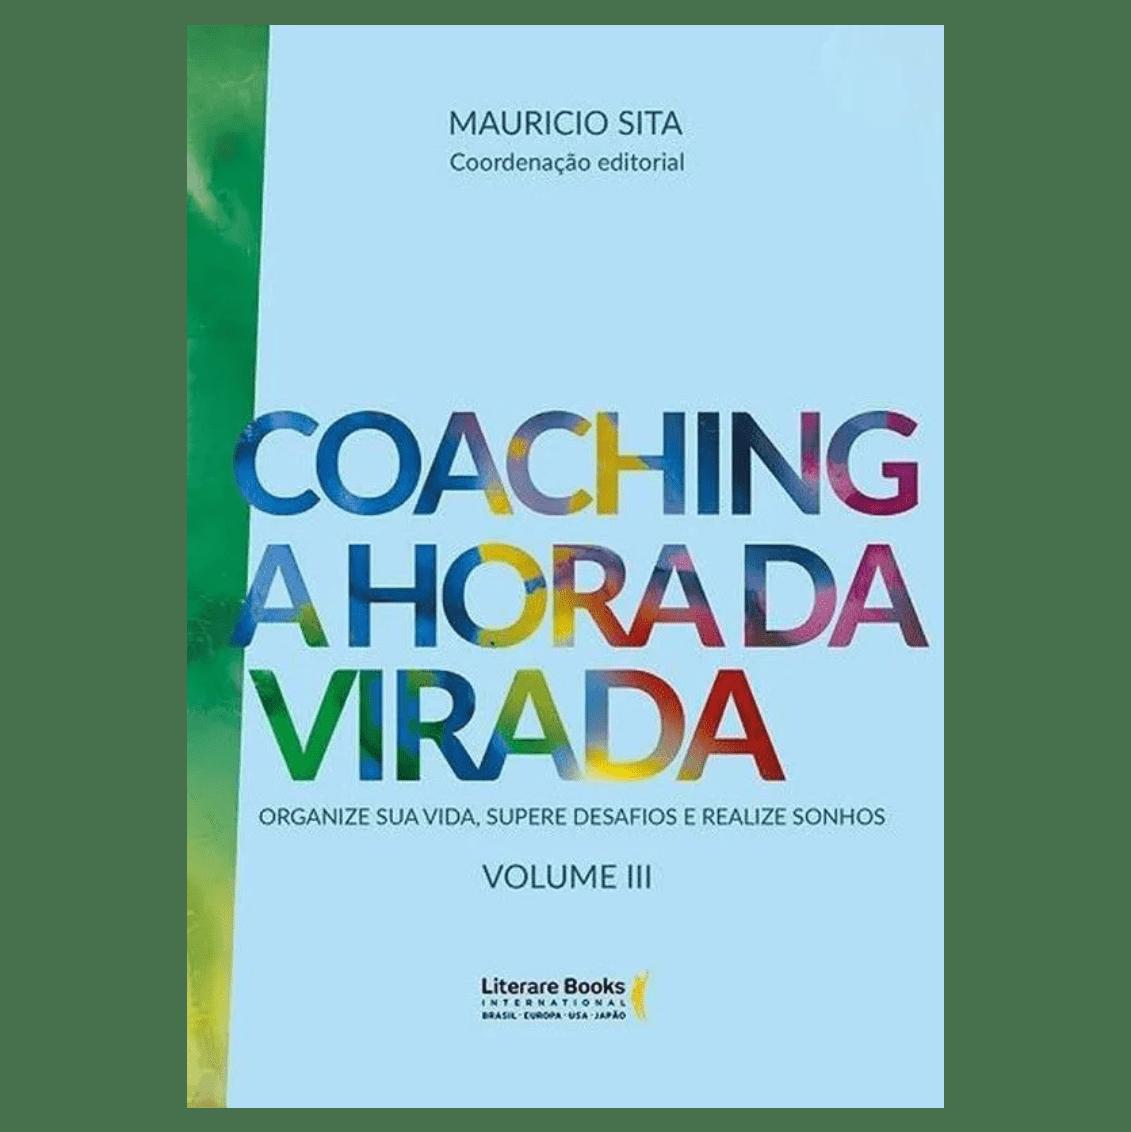 Coaching a hora da virada - volume 3: organize sua vida, supere desafios e realize sonhos